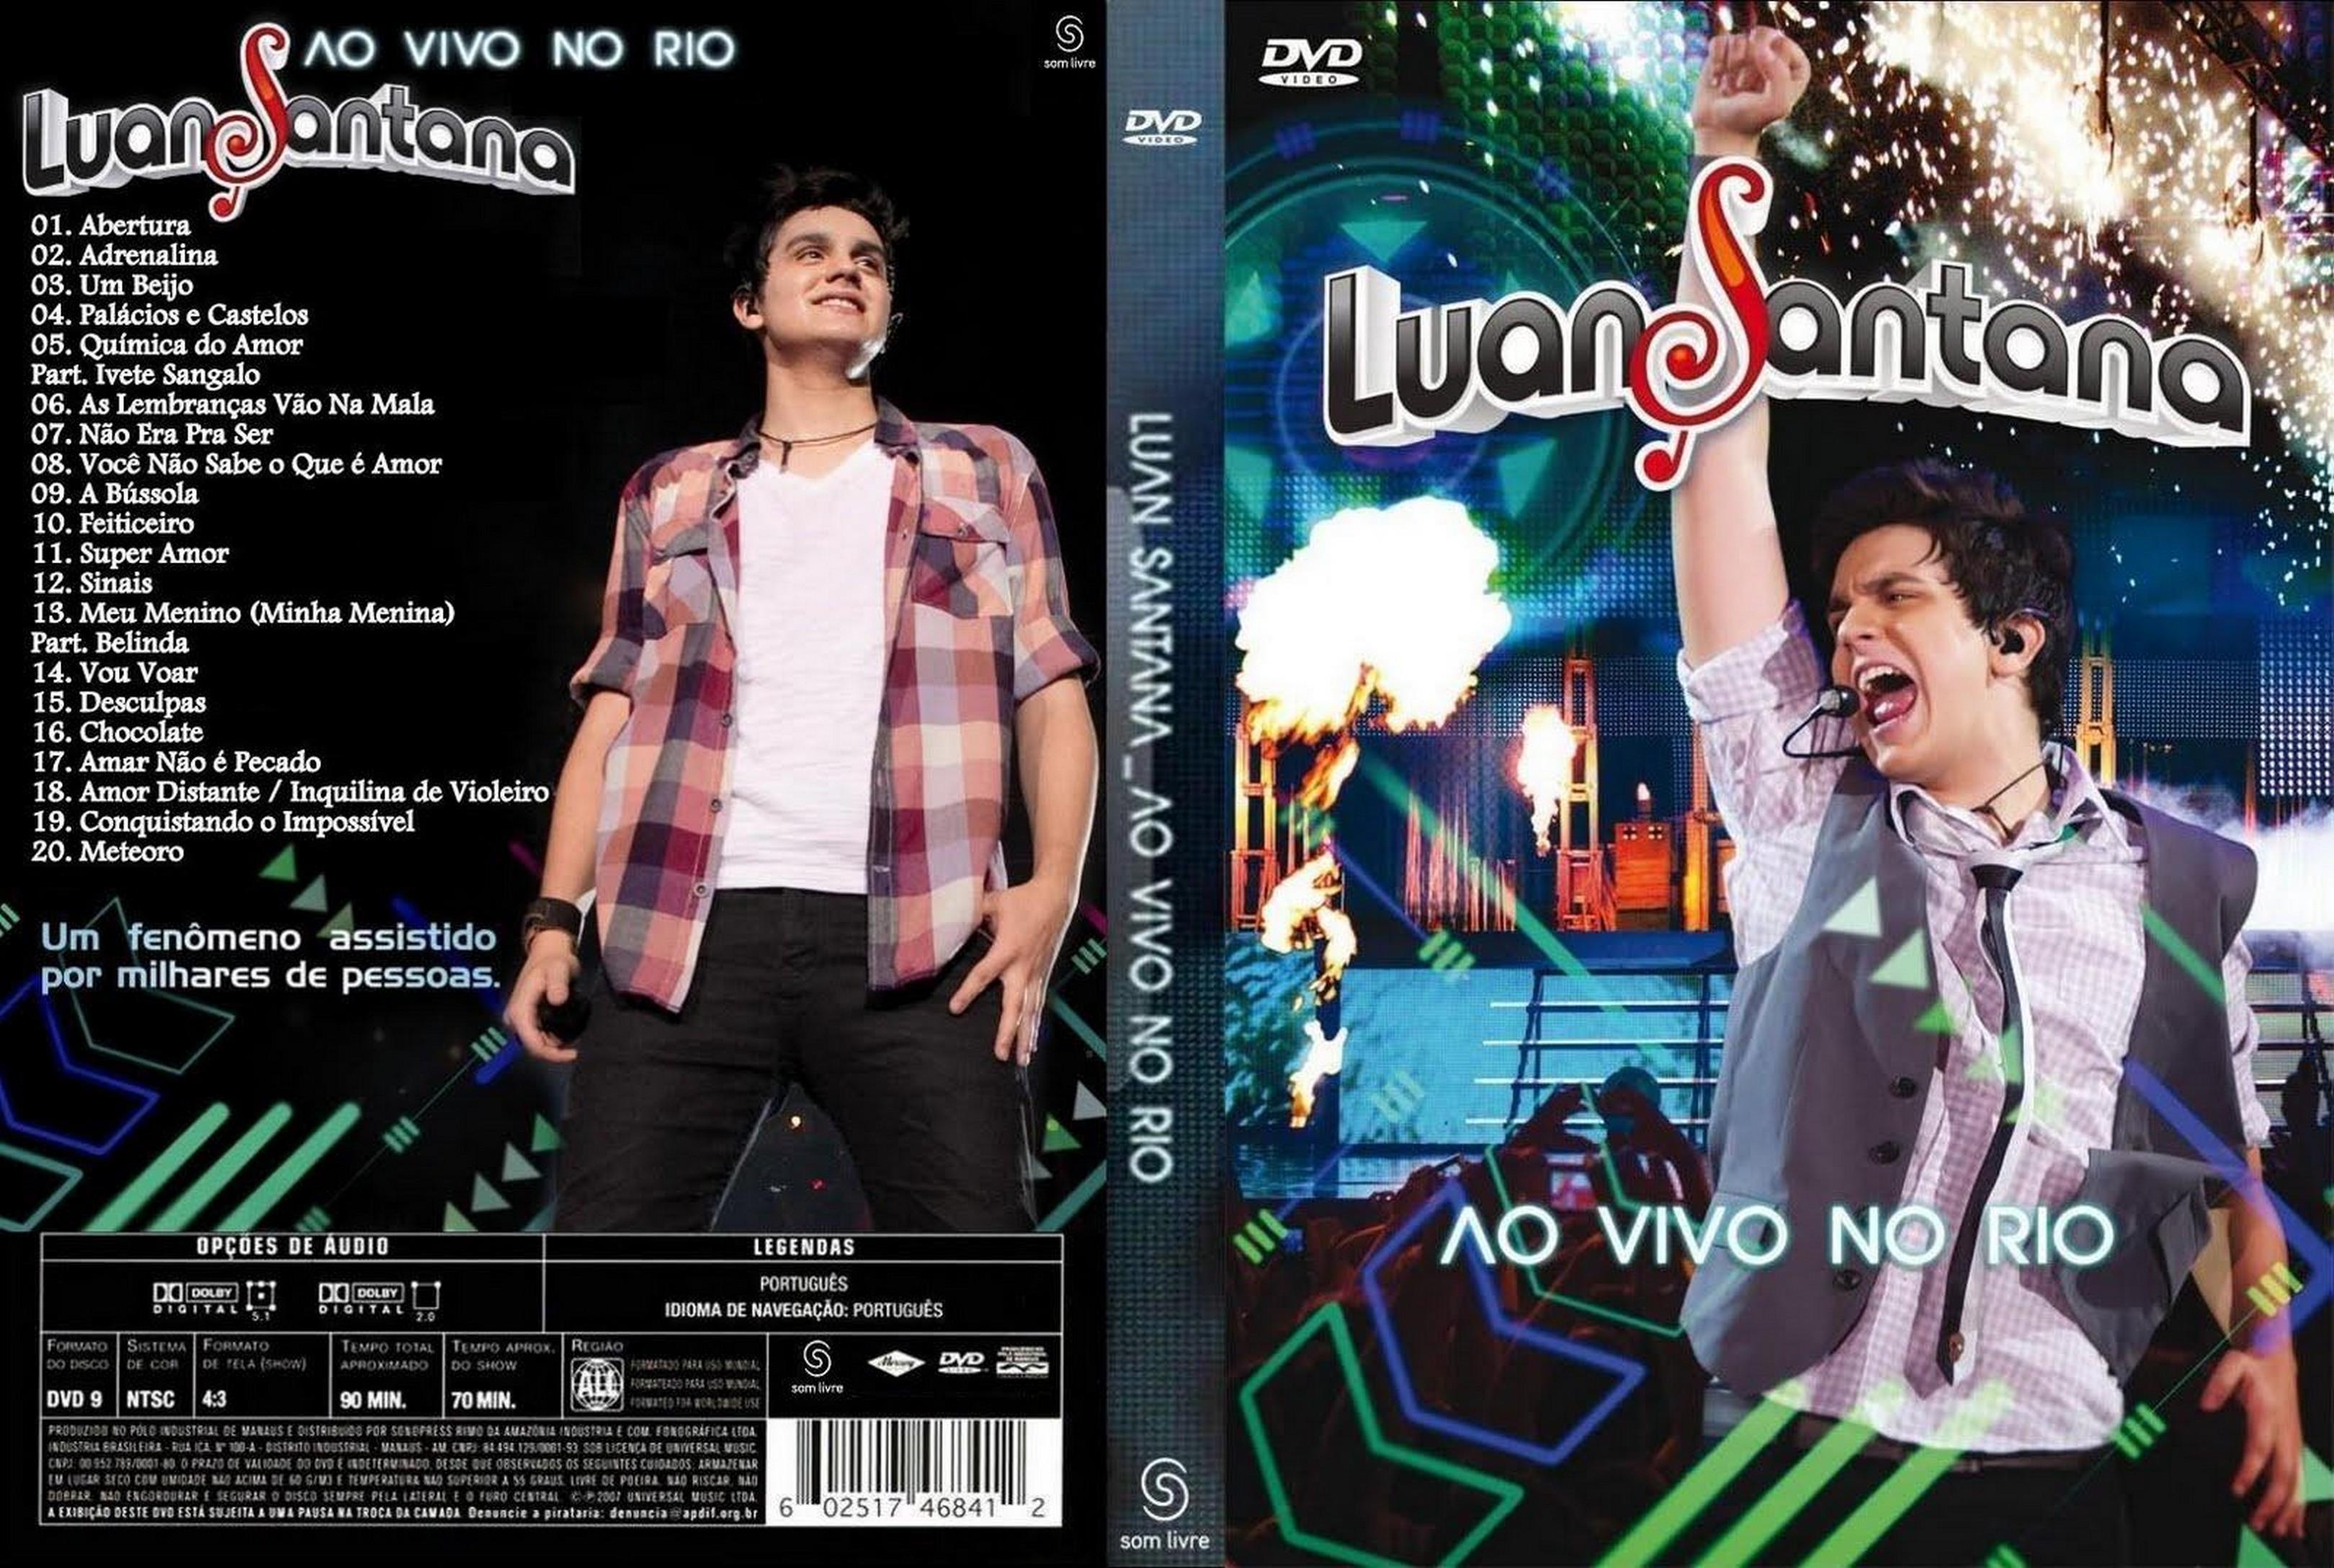 LuanSantanaAoVivoNoRio